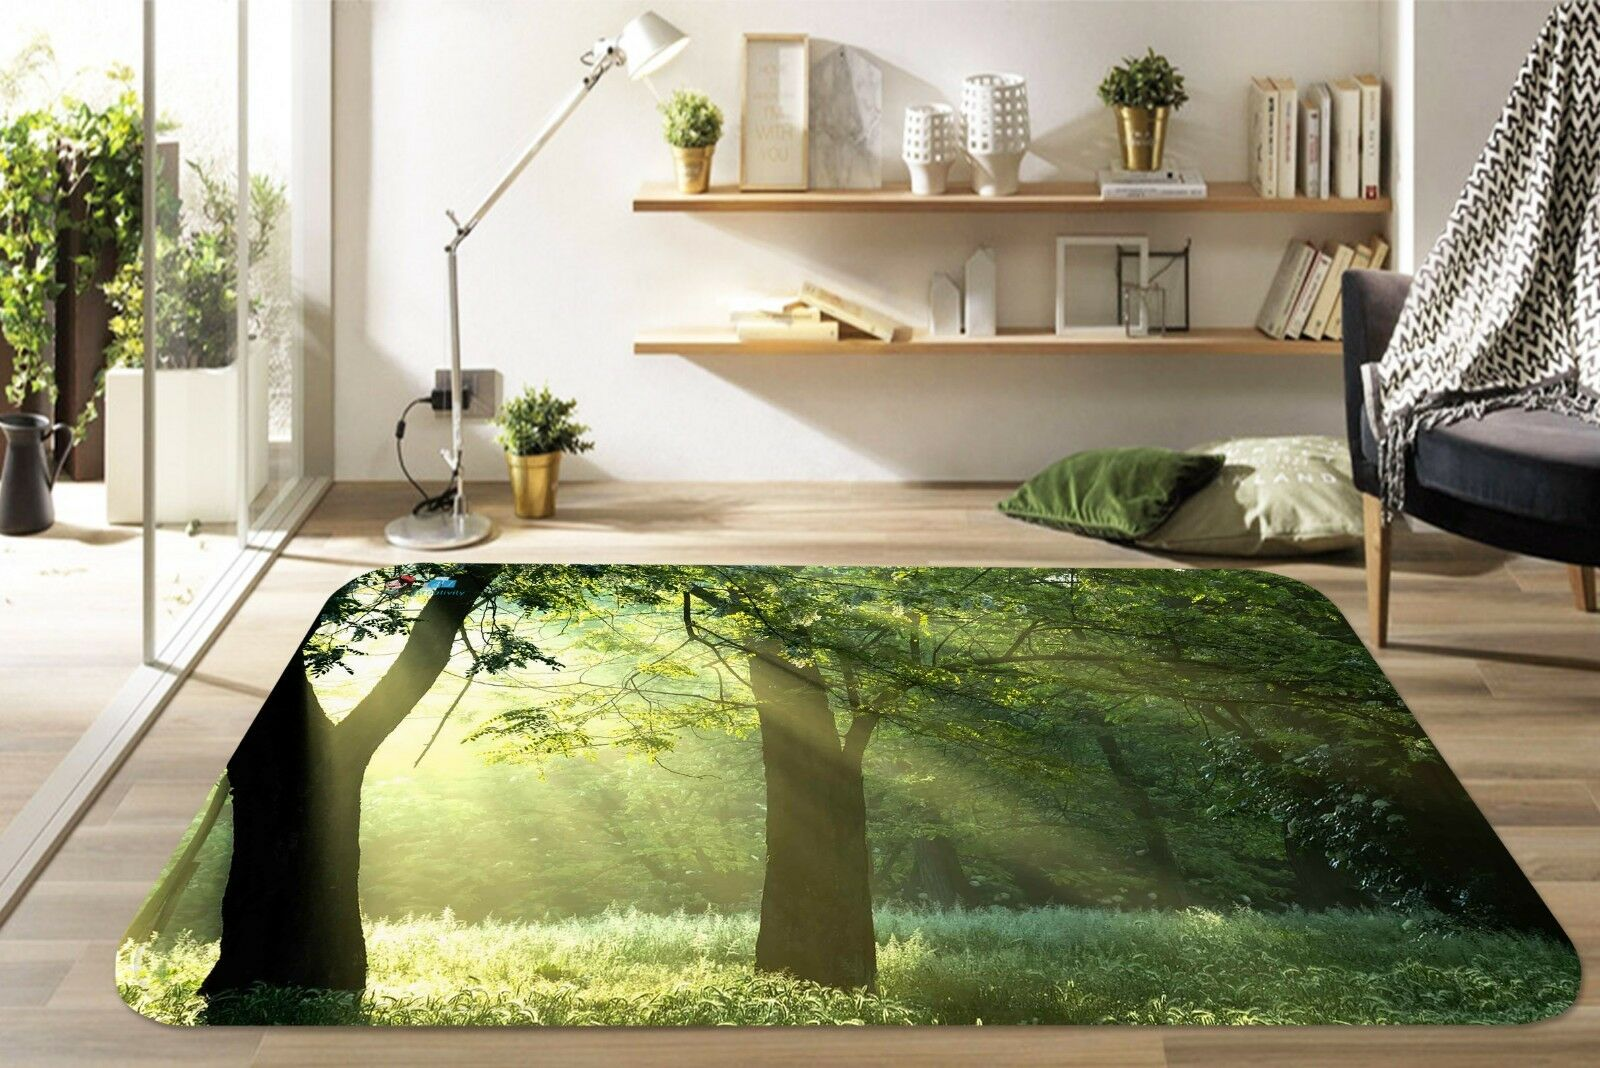 3D Prairie Forest 1007 Étage Antidérapant Natte Natte Natte Élégant Tapis FR Summer | Au Premier Rang Parmi Les Produits Similaires  b88c27